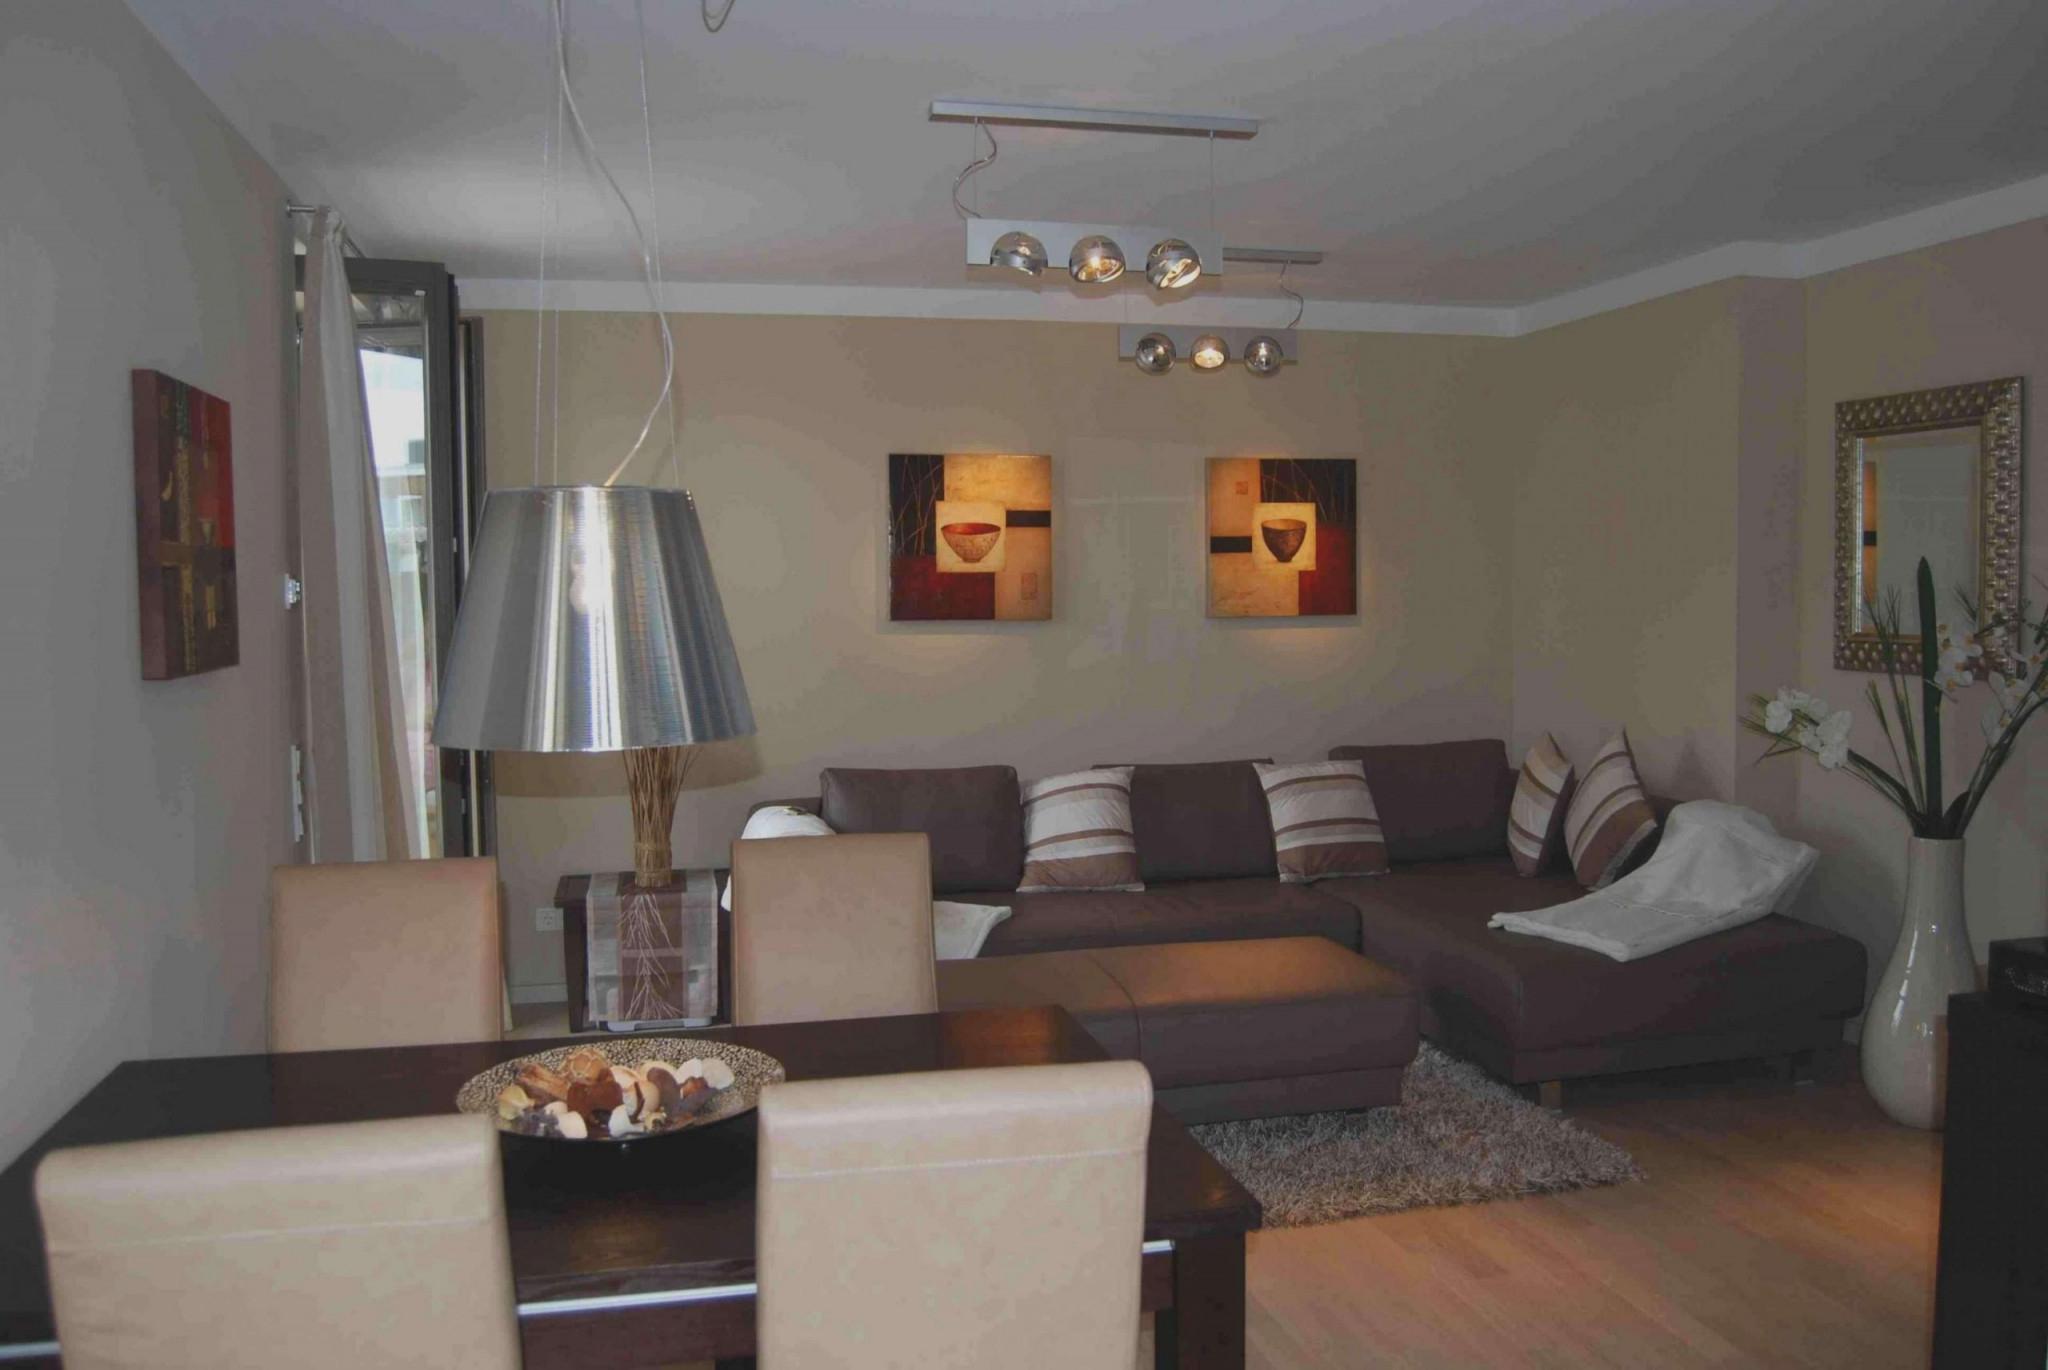 30 Luxus Kleines Wohnzimmer Mit Essbereich Einrichten von L Wohnzimmer Einrichten Photo